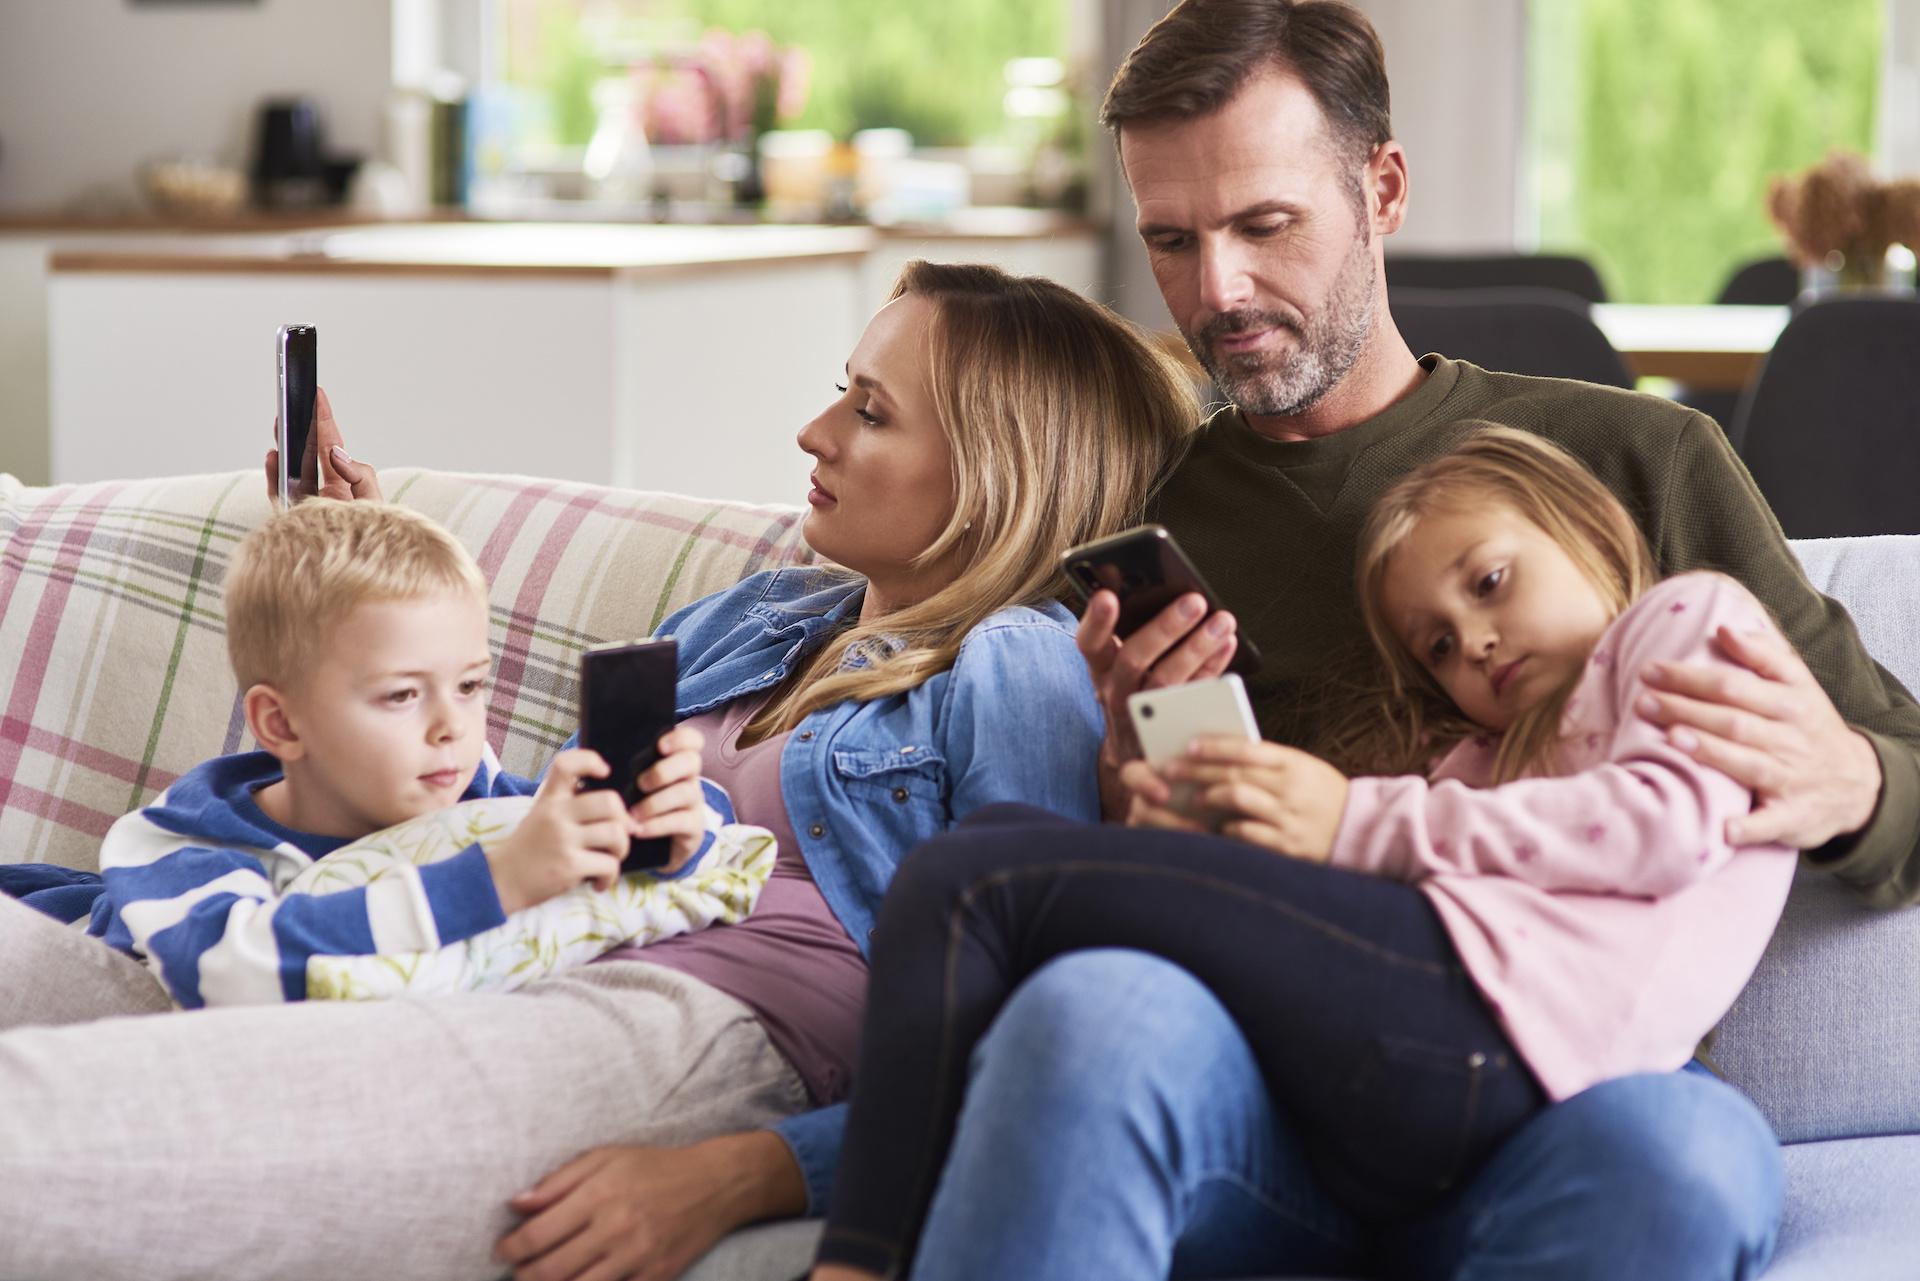 famille-ennui-connecté-communication-dbsophro-beatrice-debordeau